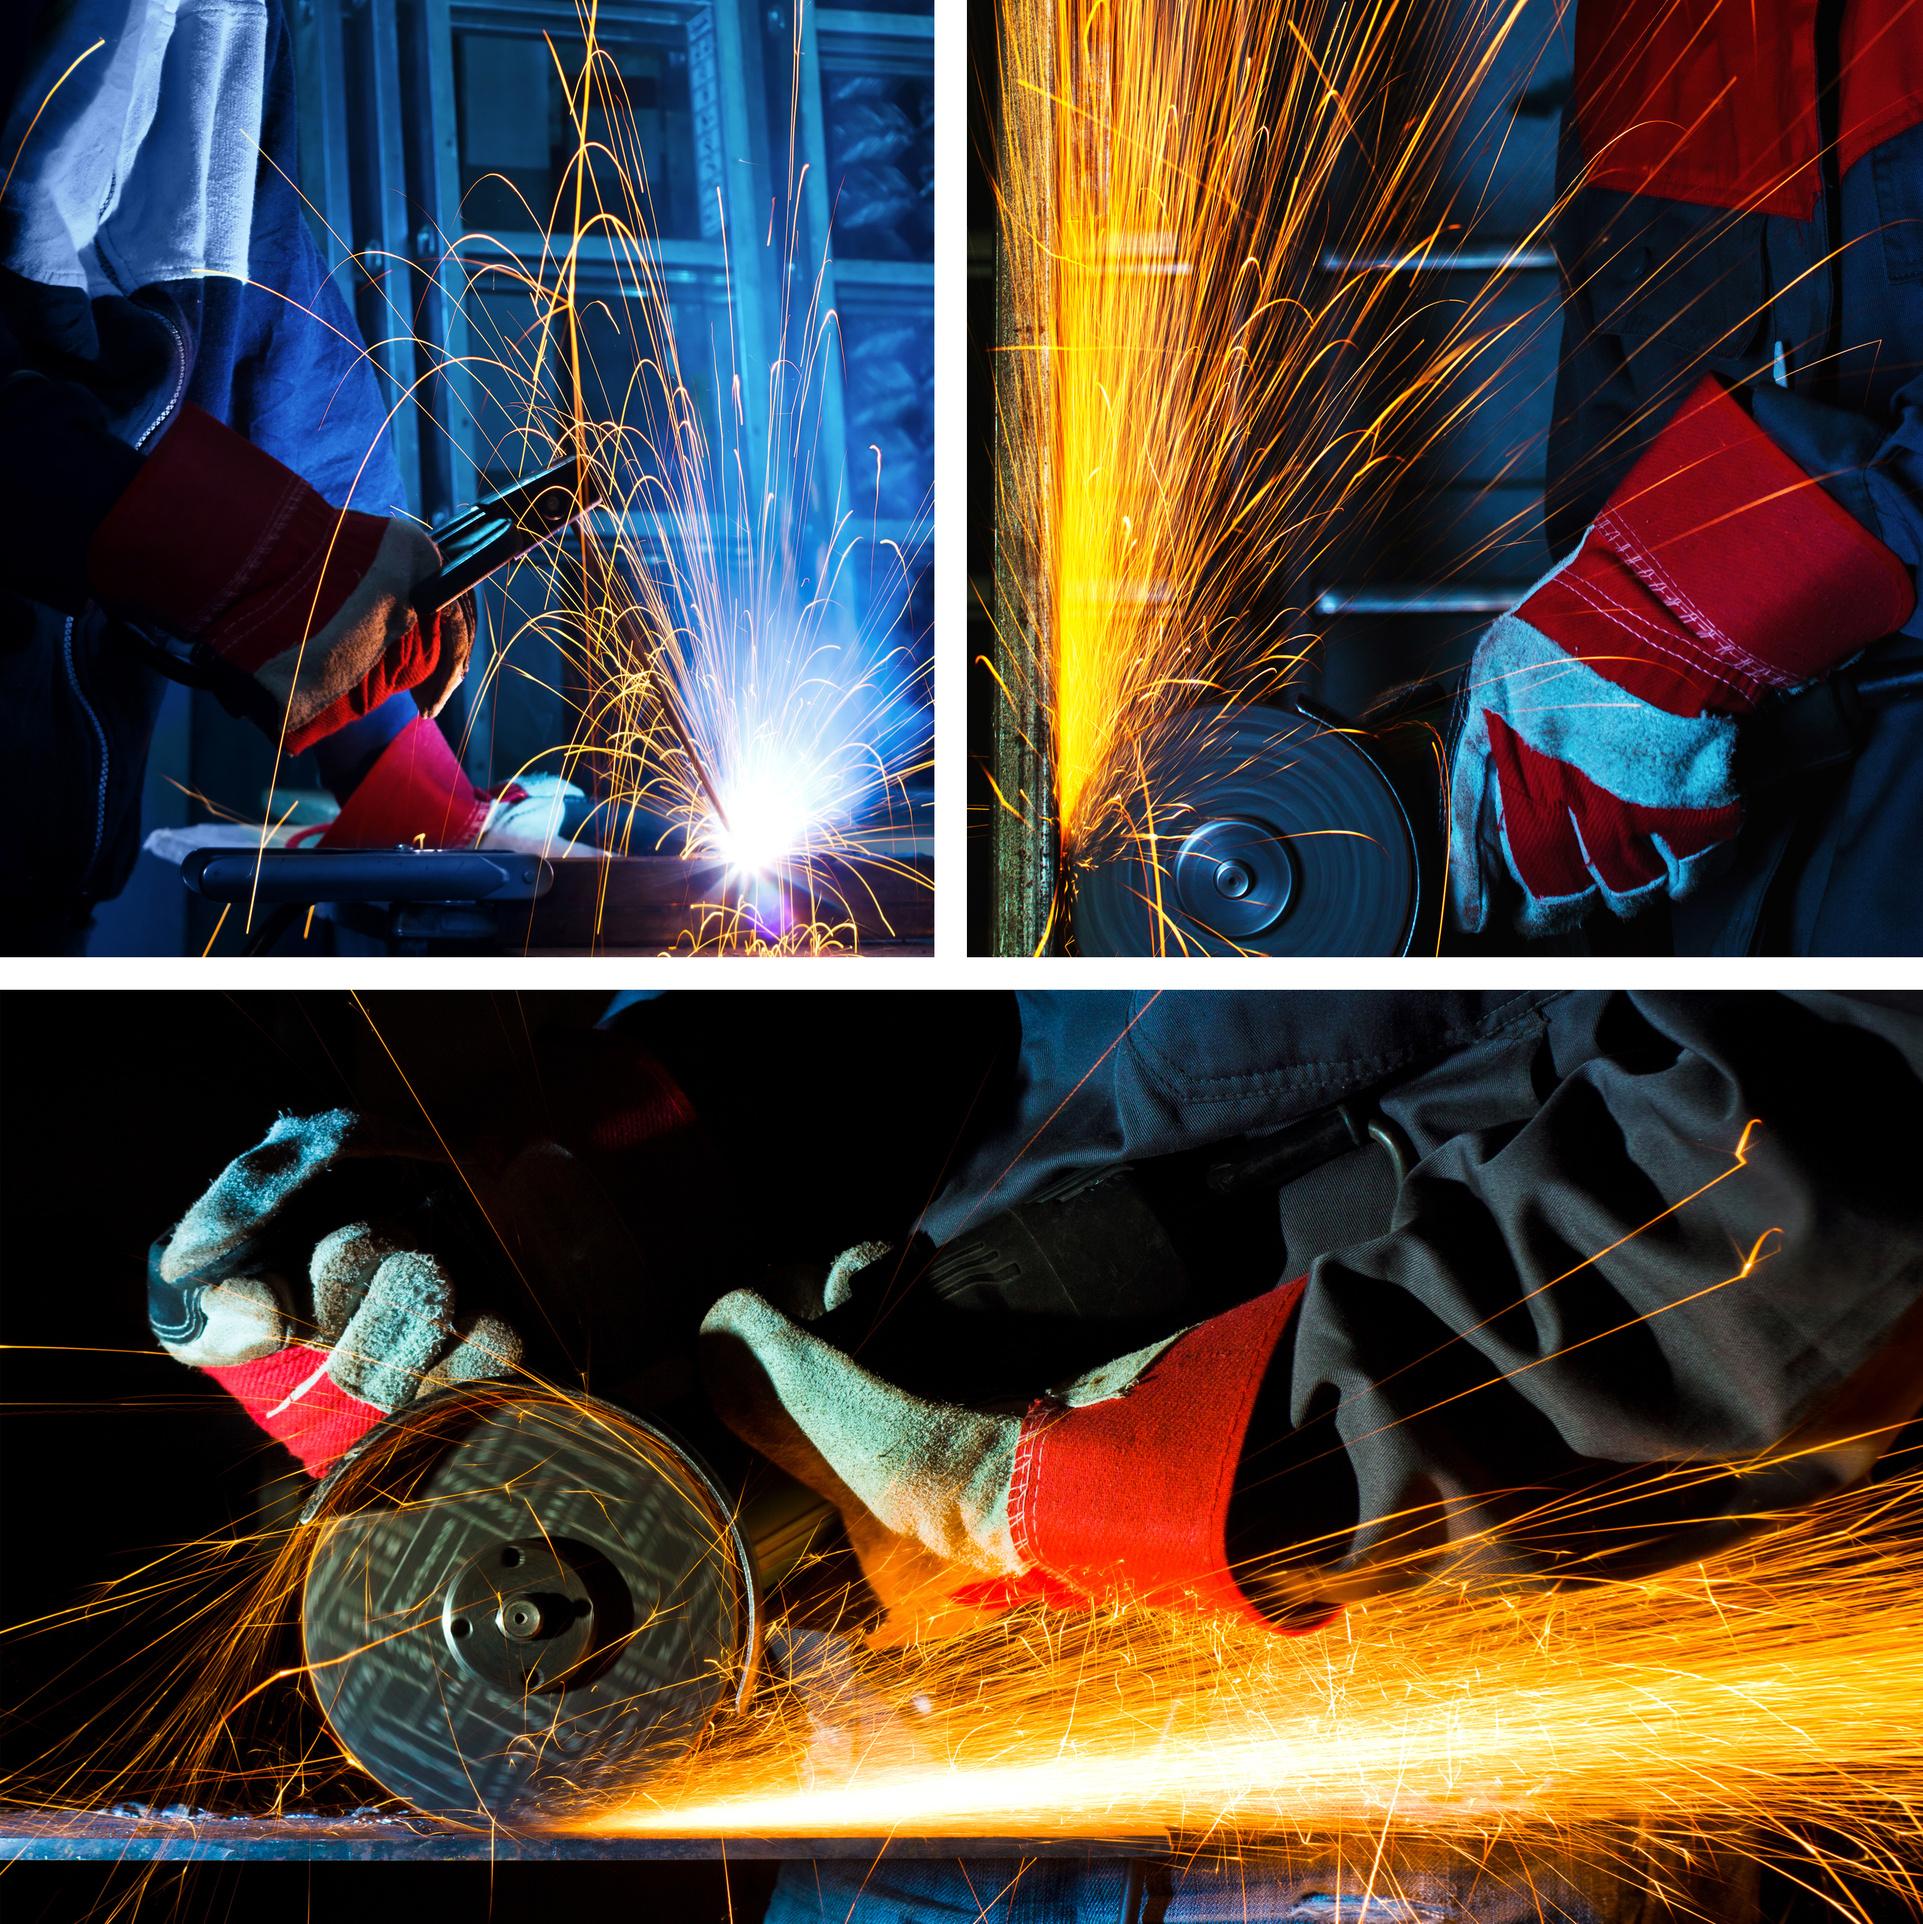 przygotowanie konstrukcji stalowych pod cynkowanie ogniowe